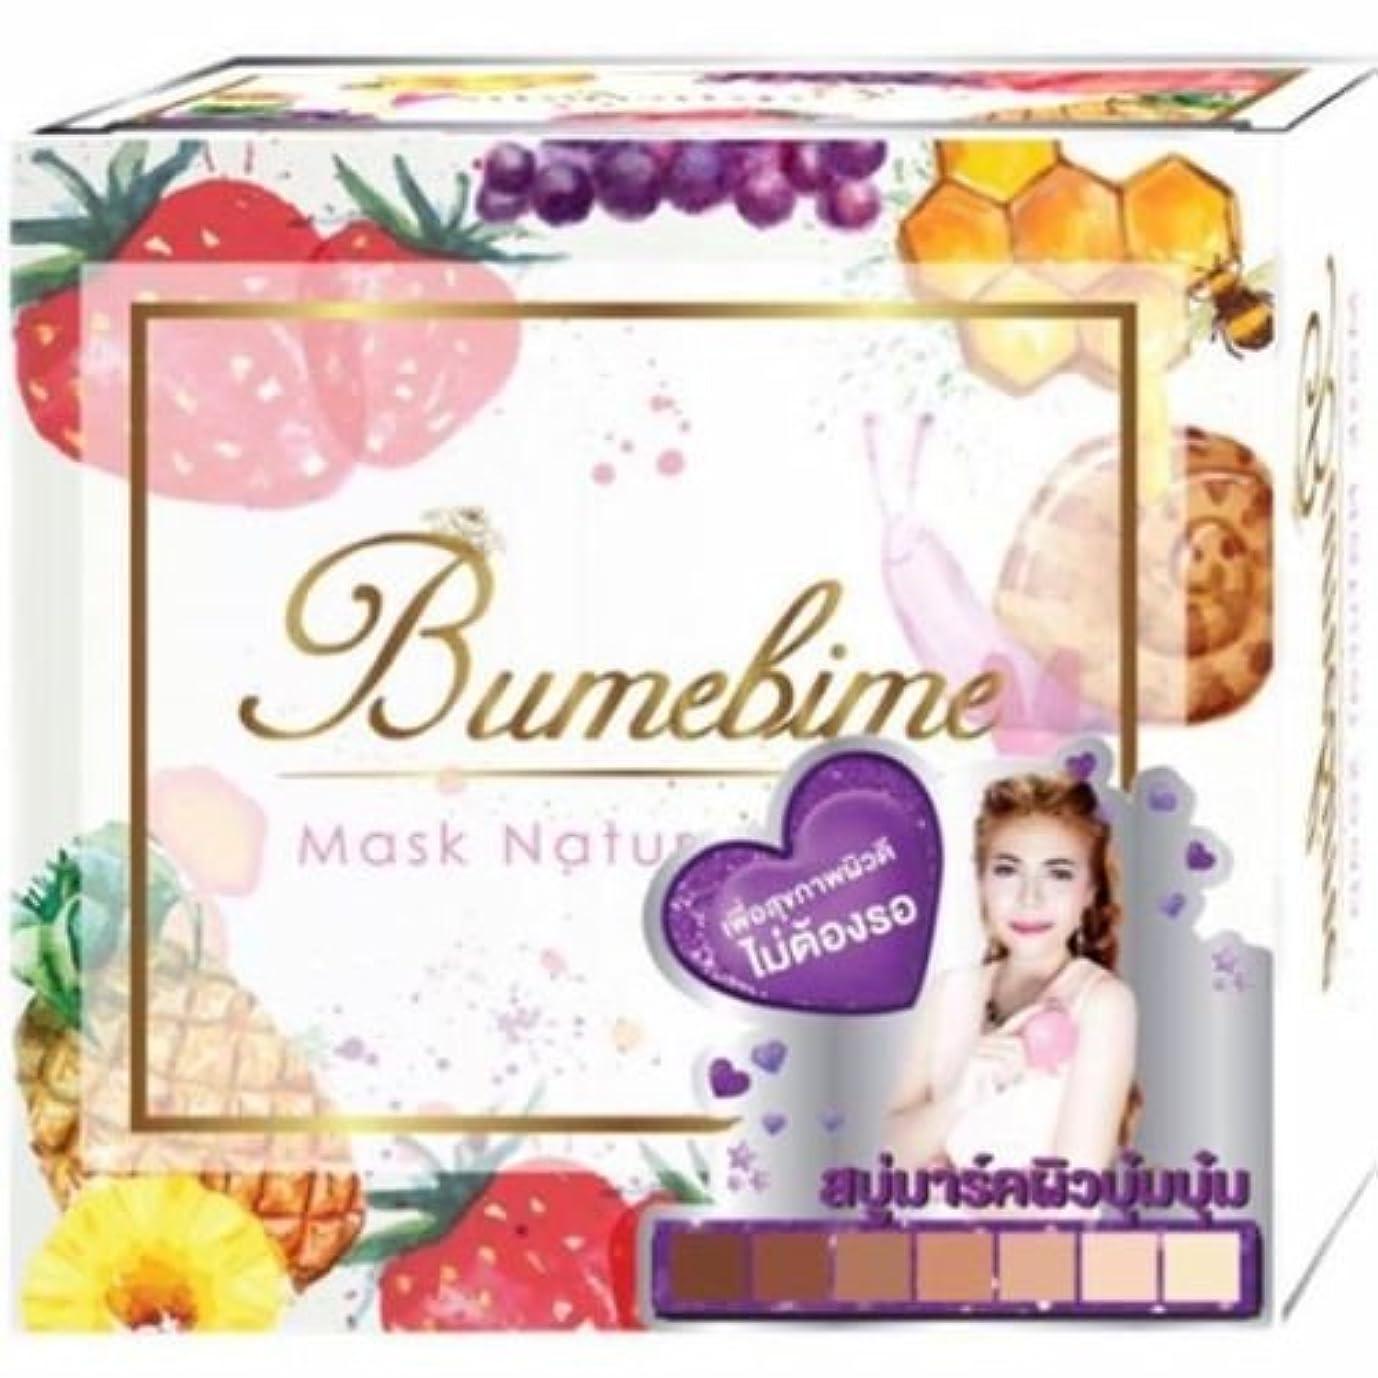 曖昧な協同日食(1 x 100 g) bumebimeマスクNatural SoapスキンボディWhitening byトリプルW Shop